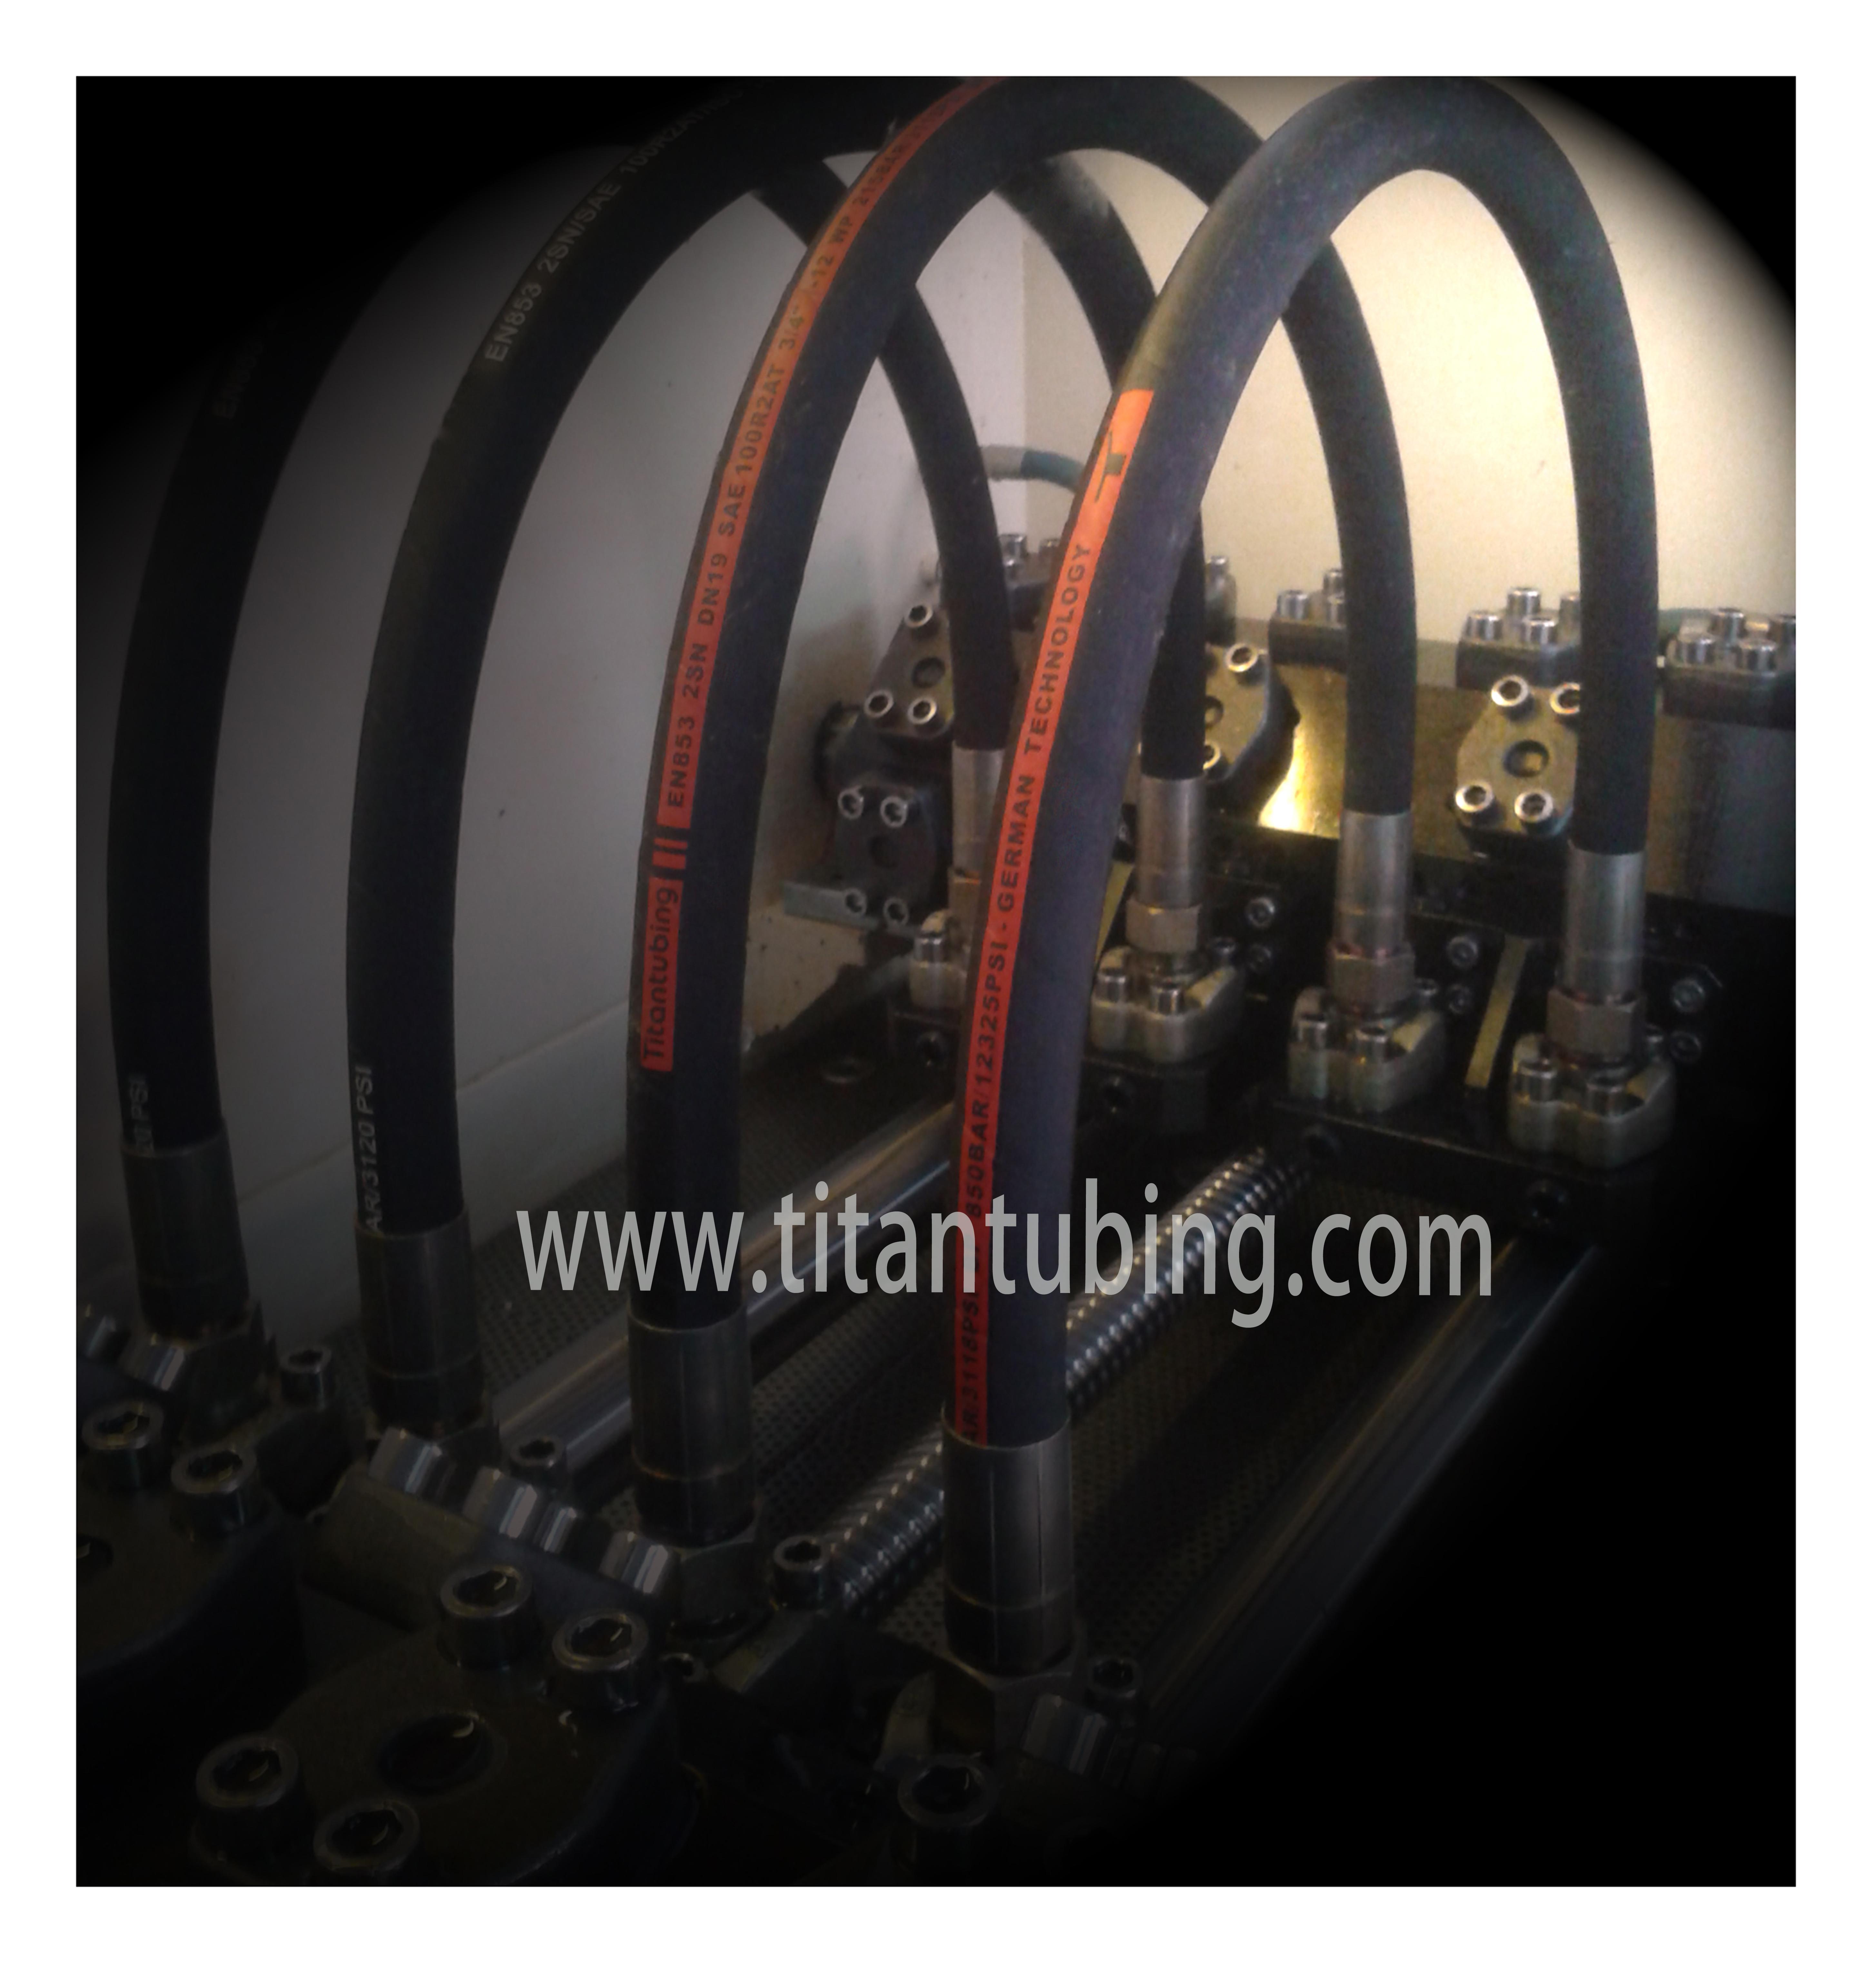 高压液压胶管 硫化橡胶管 合成橡胶管 EN857钢丝管 EN857钢丝橡胶管